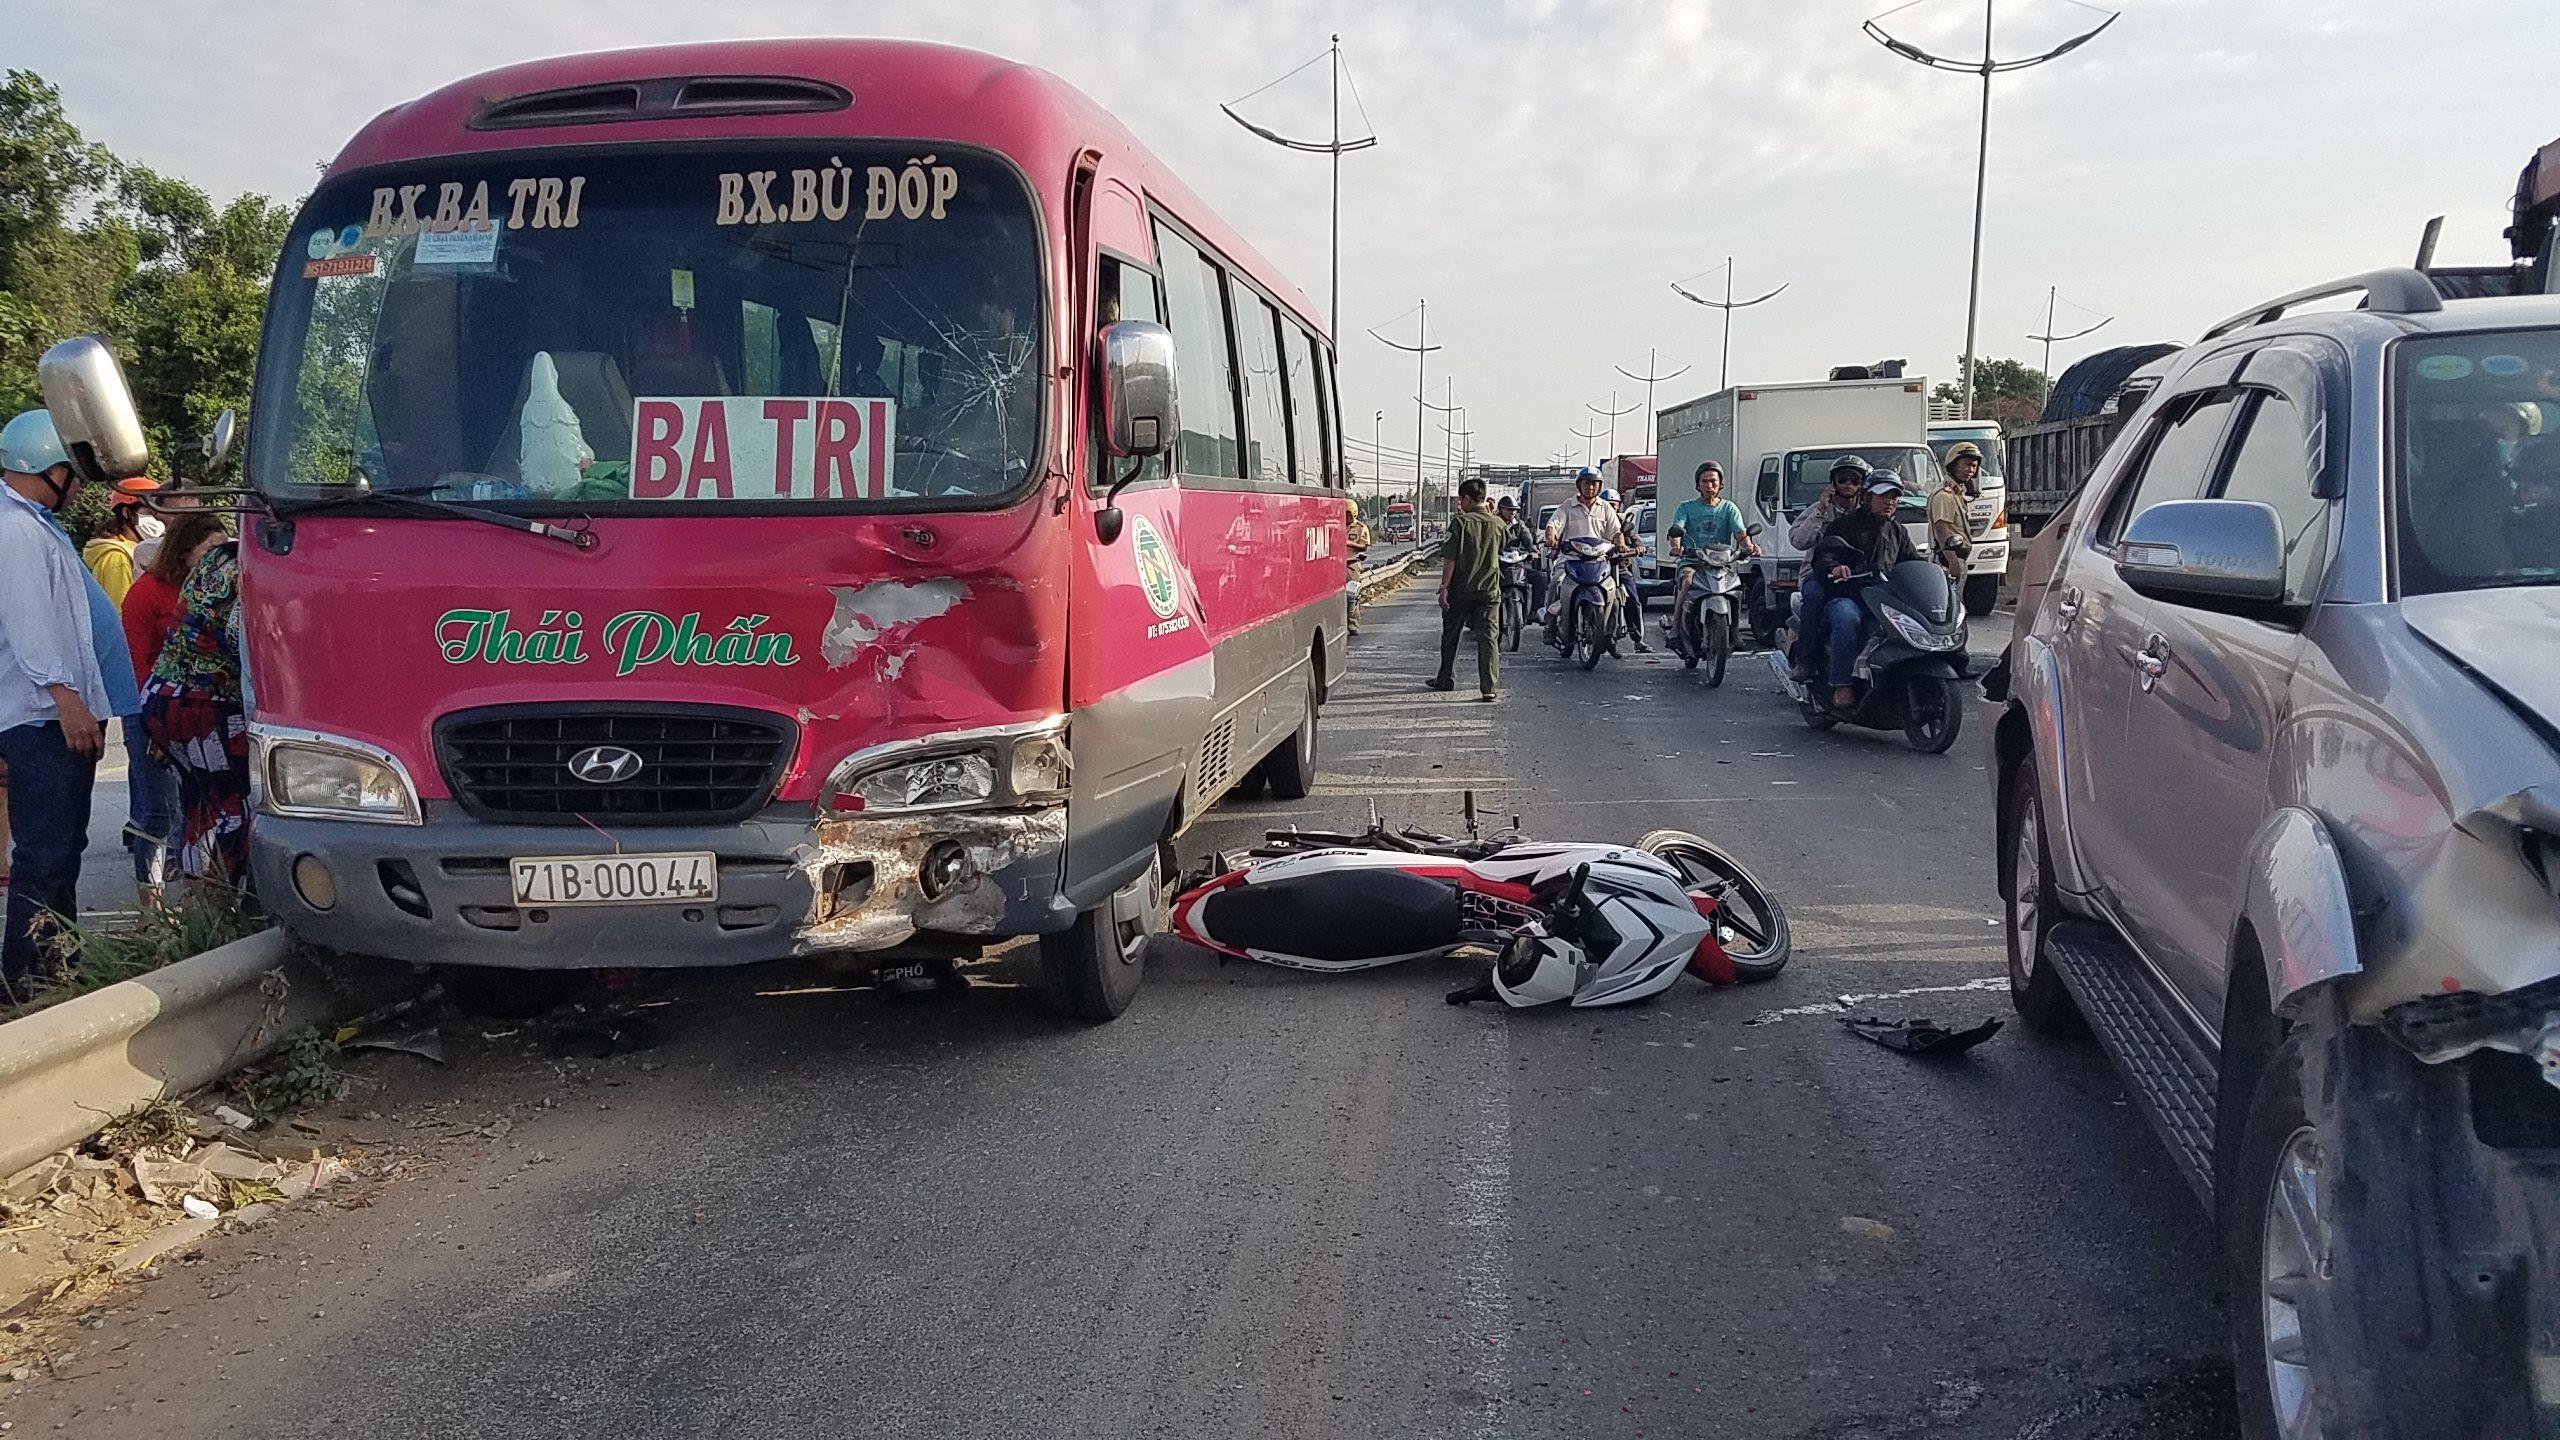 Tai nạn giao thông,tai nạn chết người,tai nạn liên hoàn,sài gòn